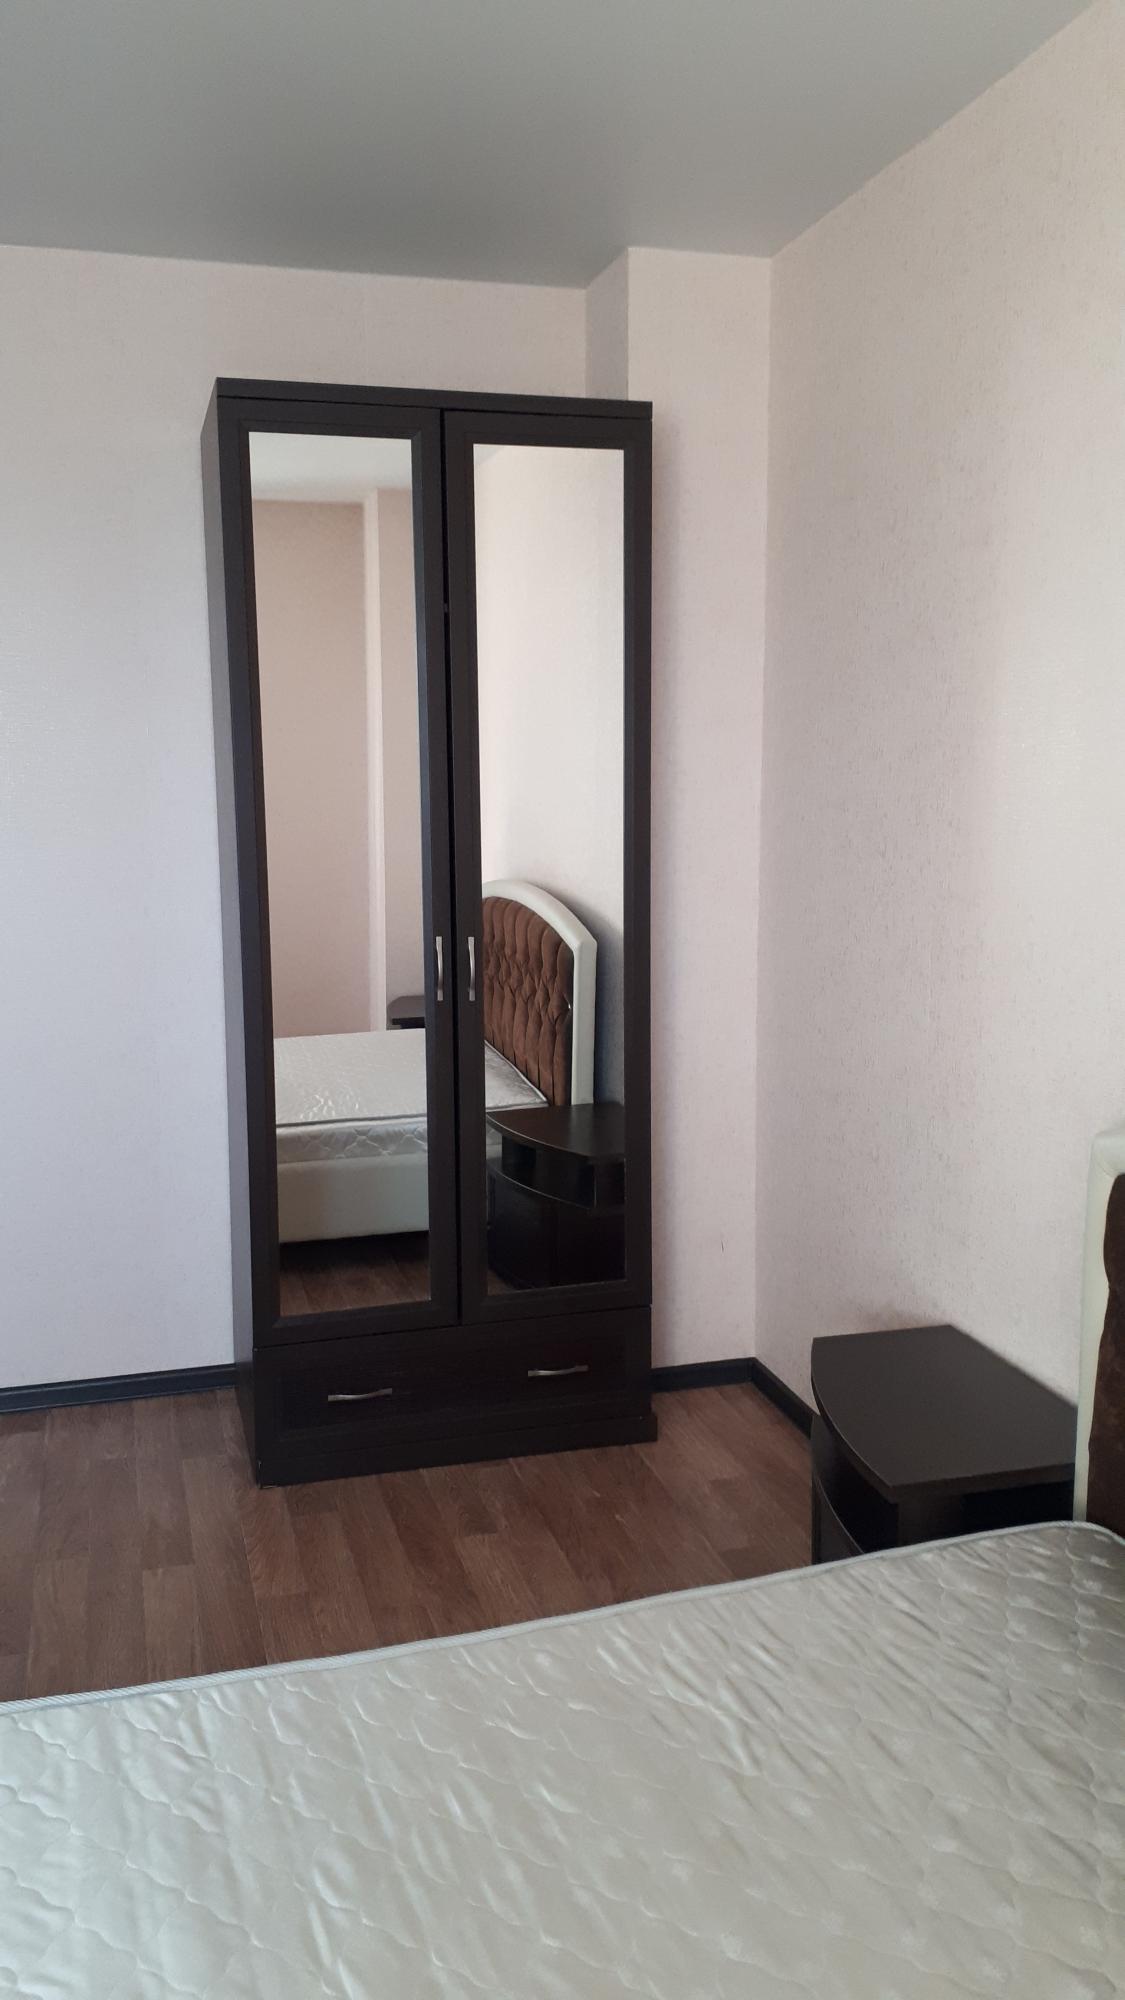 3к квартира улица Чернышевского, 81 | 30000 | аренда в Красноярске фото 4